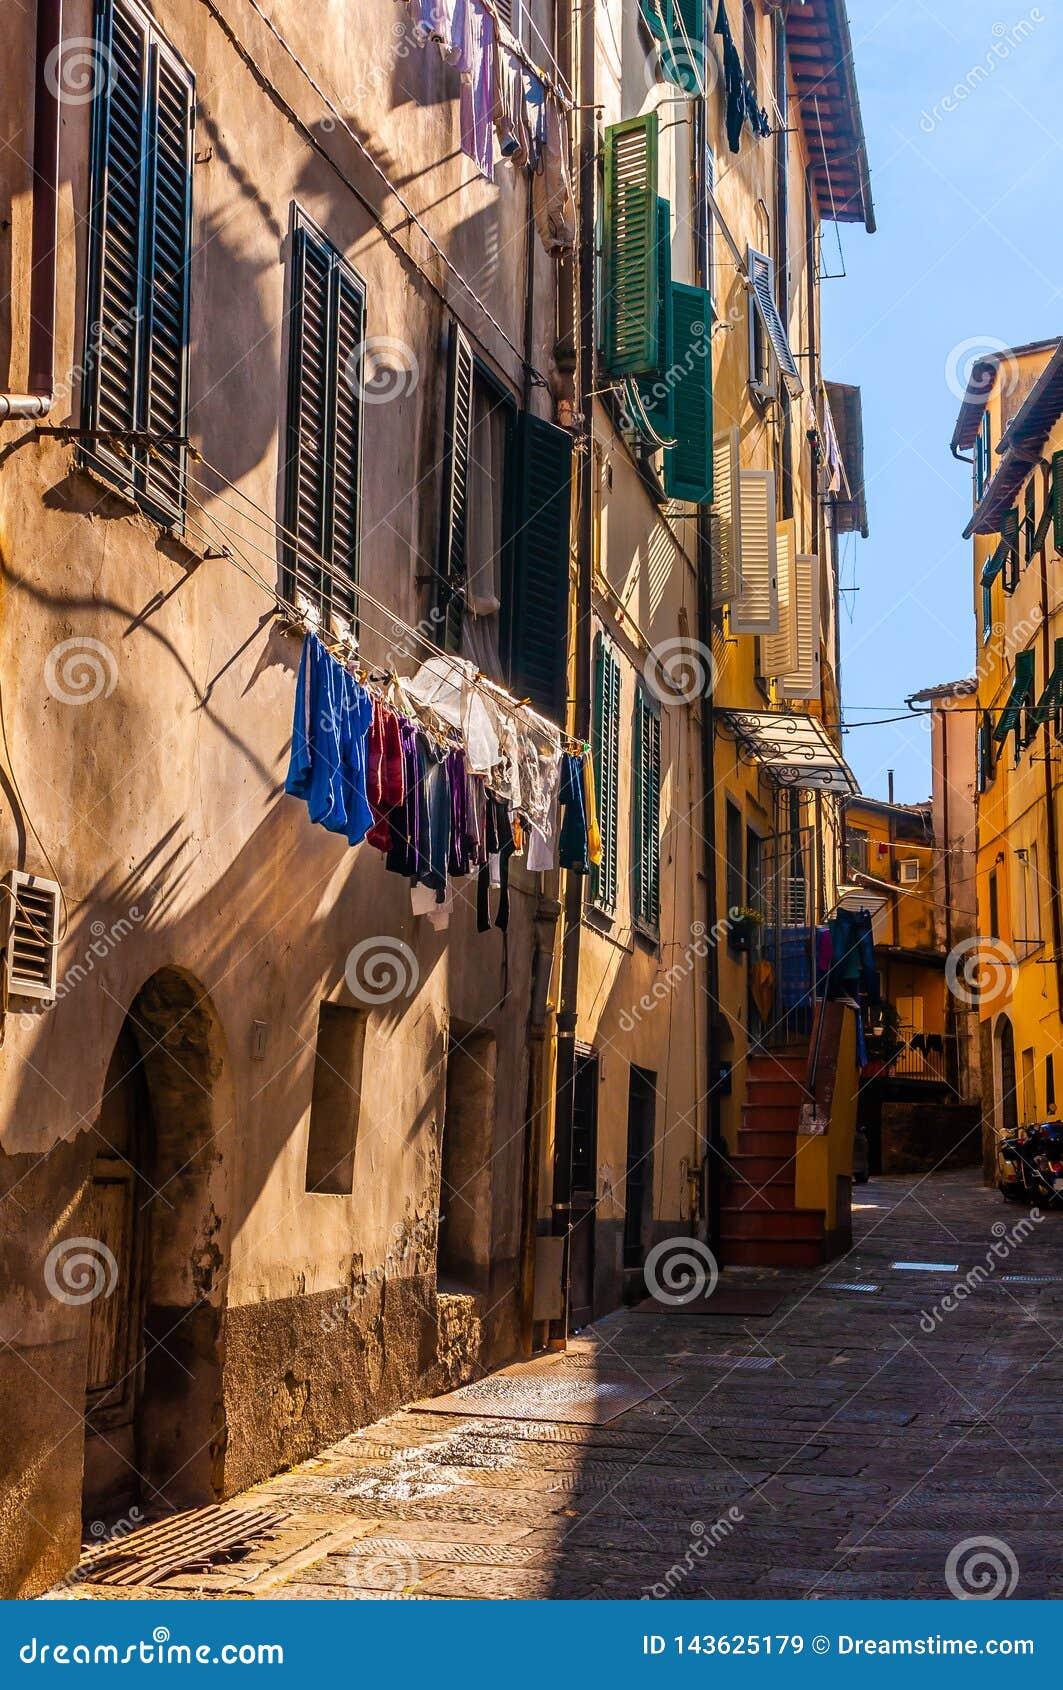 Rua pedestre pequena da cidade de Itália em parte nas sombras com secagem da roupa e de máscaras locais